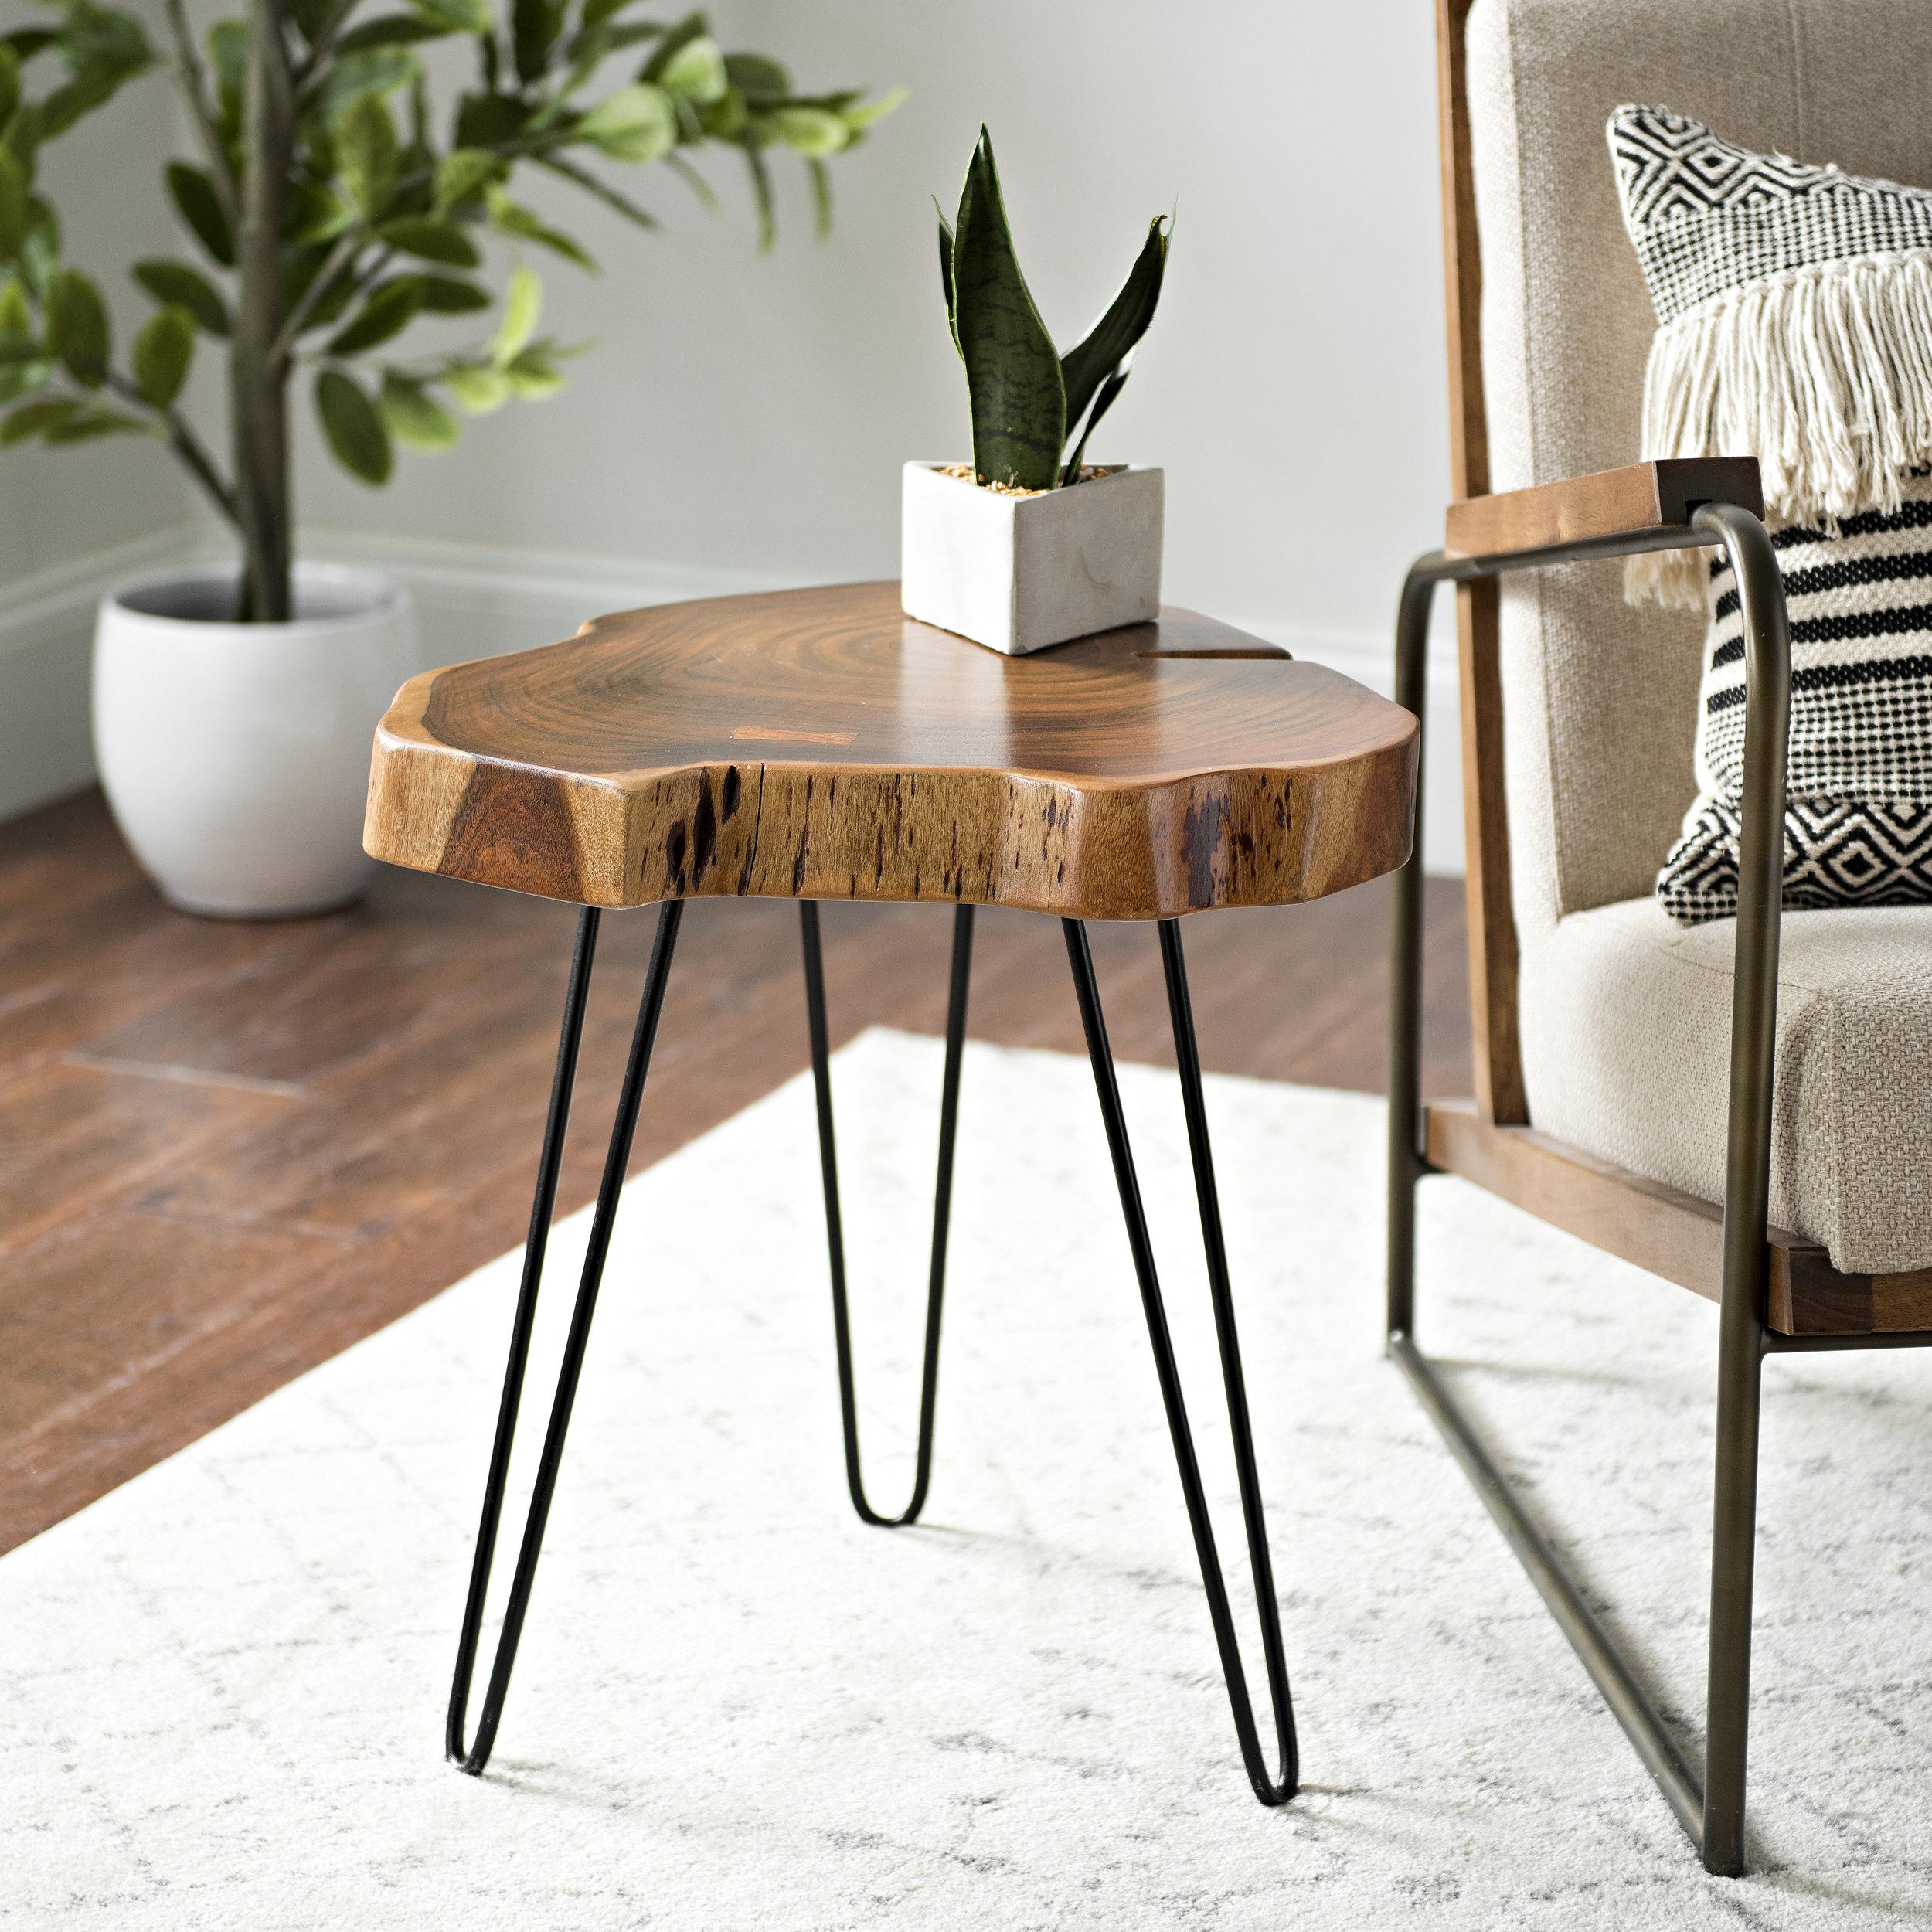 Kirkland's - Natural Acacia Wood Side Table